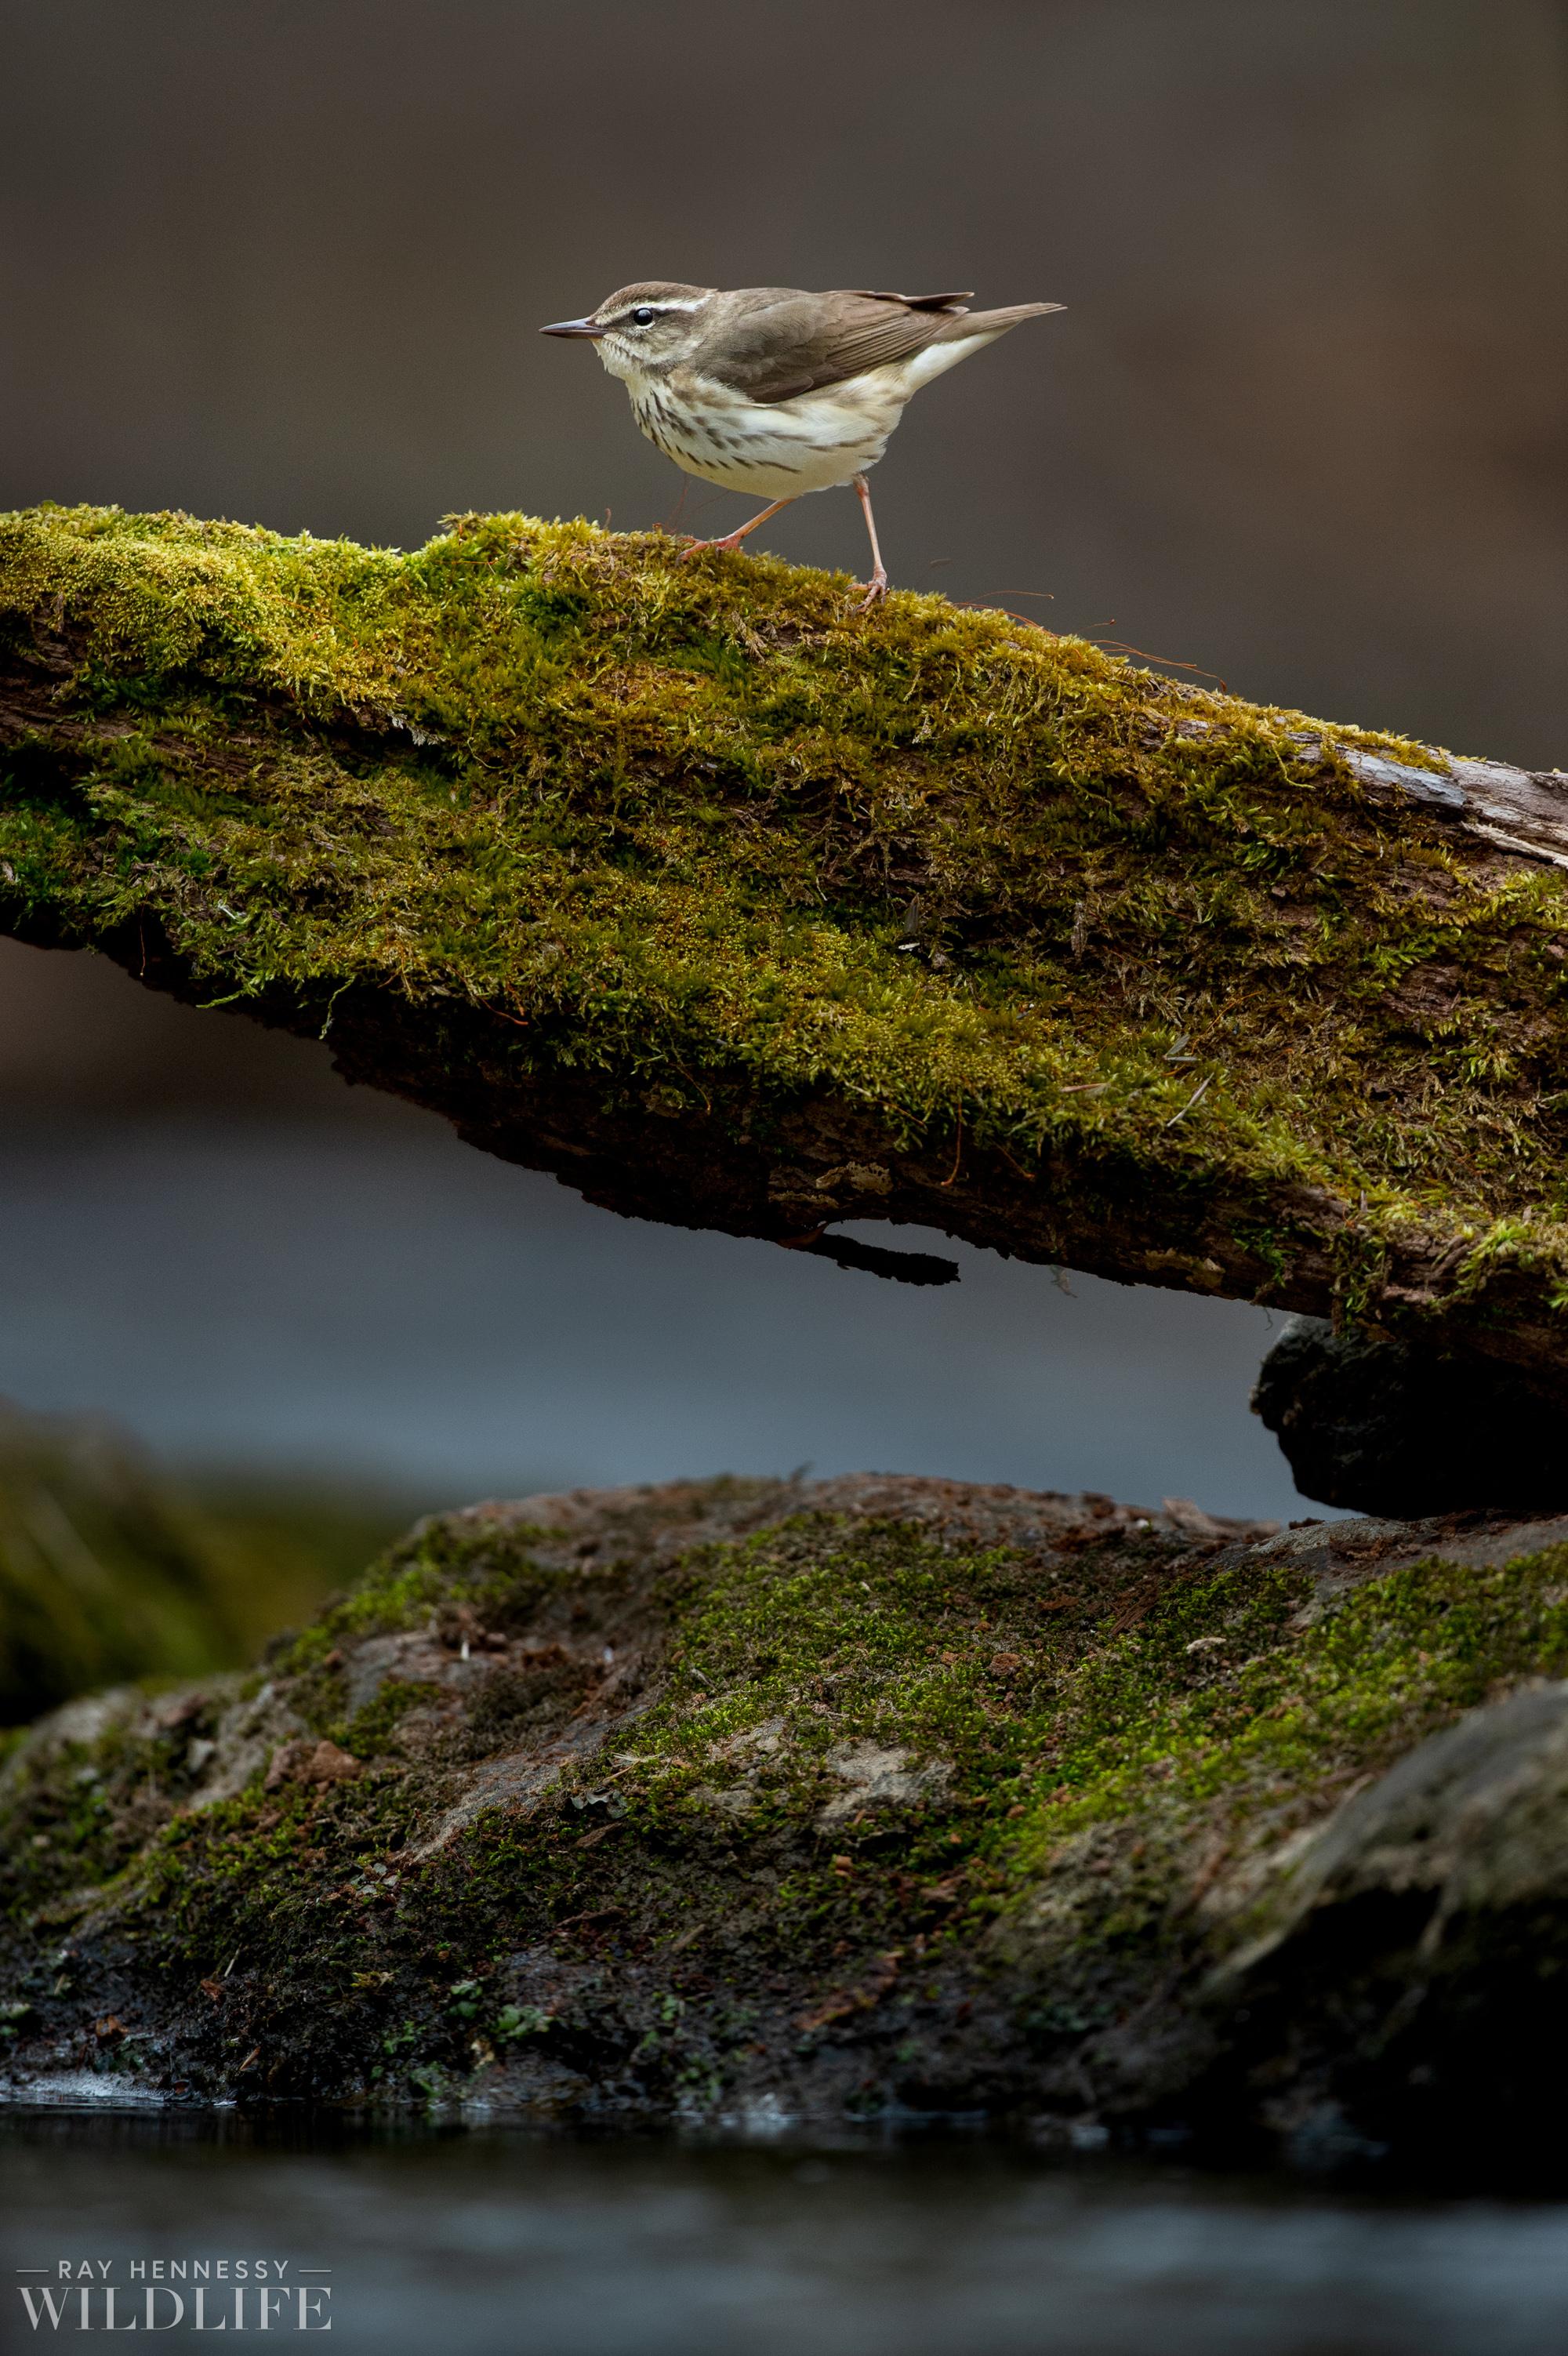 002_louisiana-waterthrush.jpg